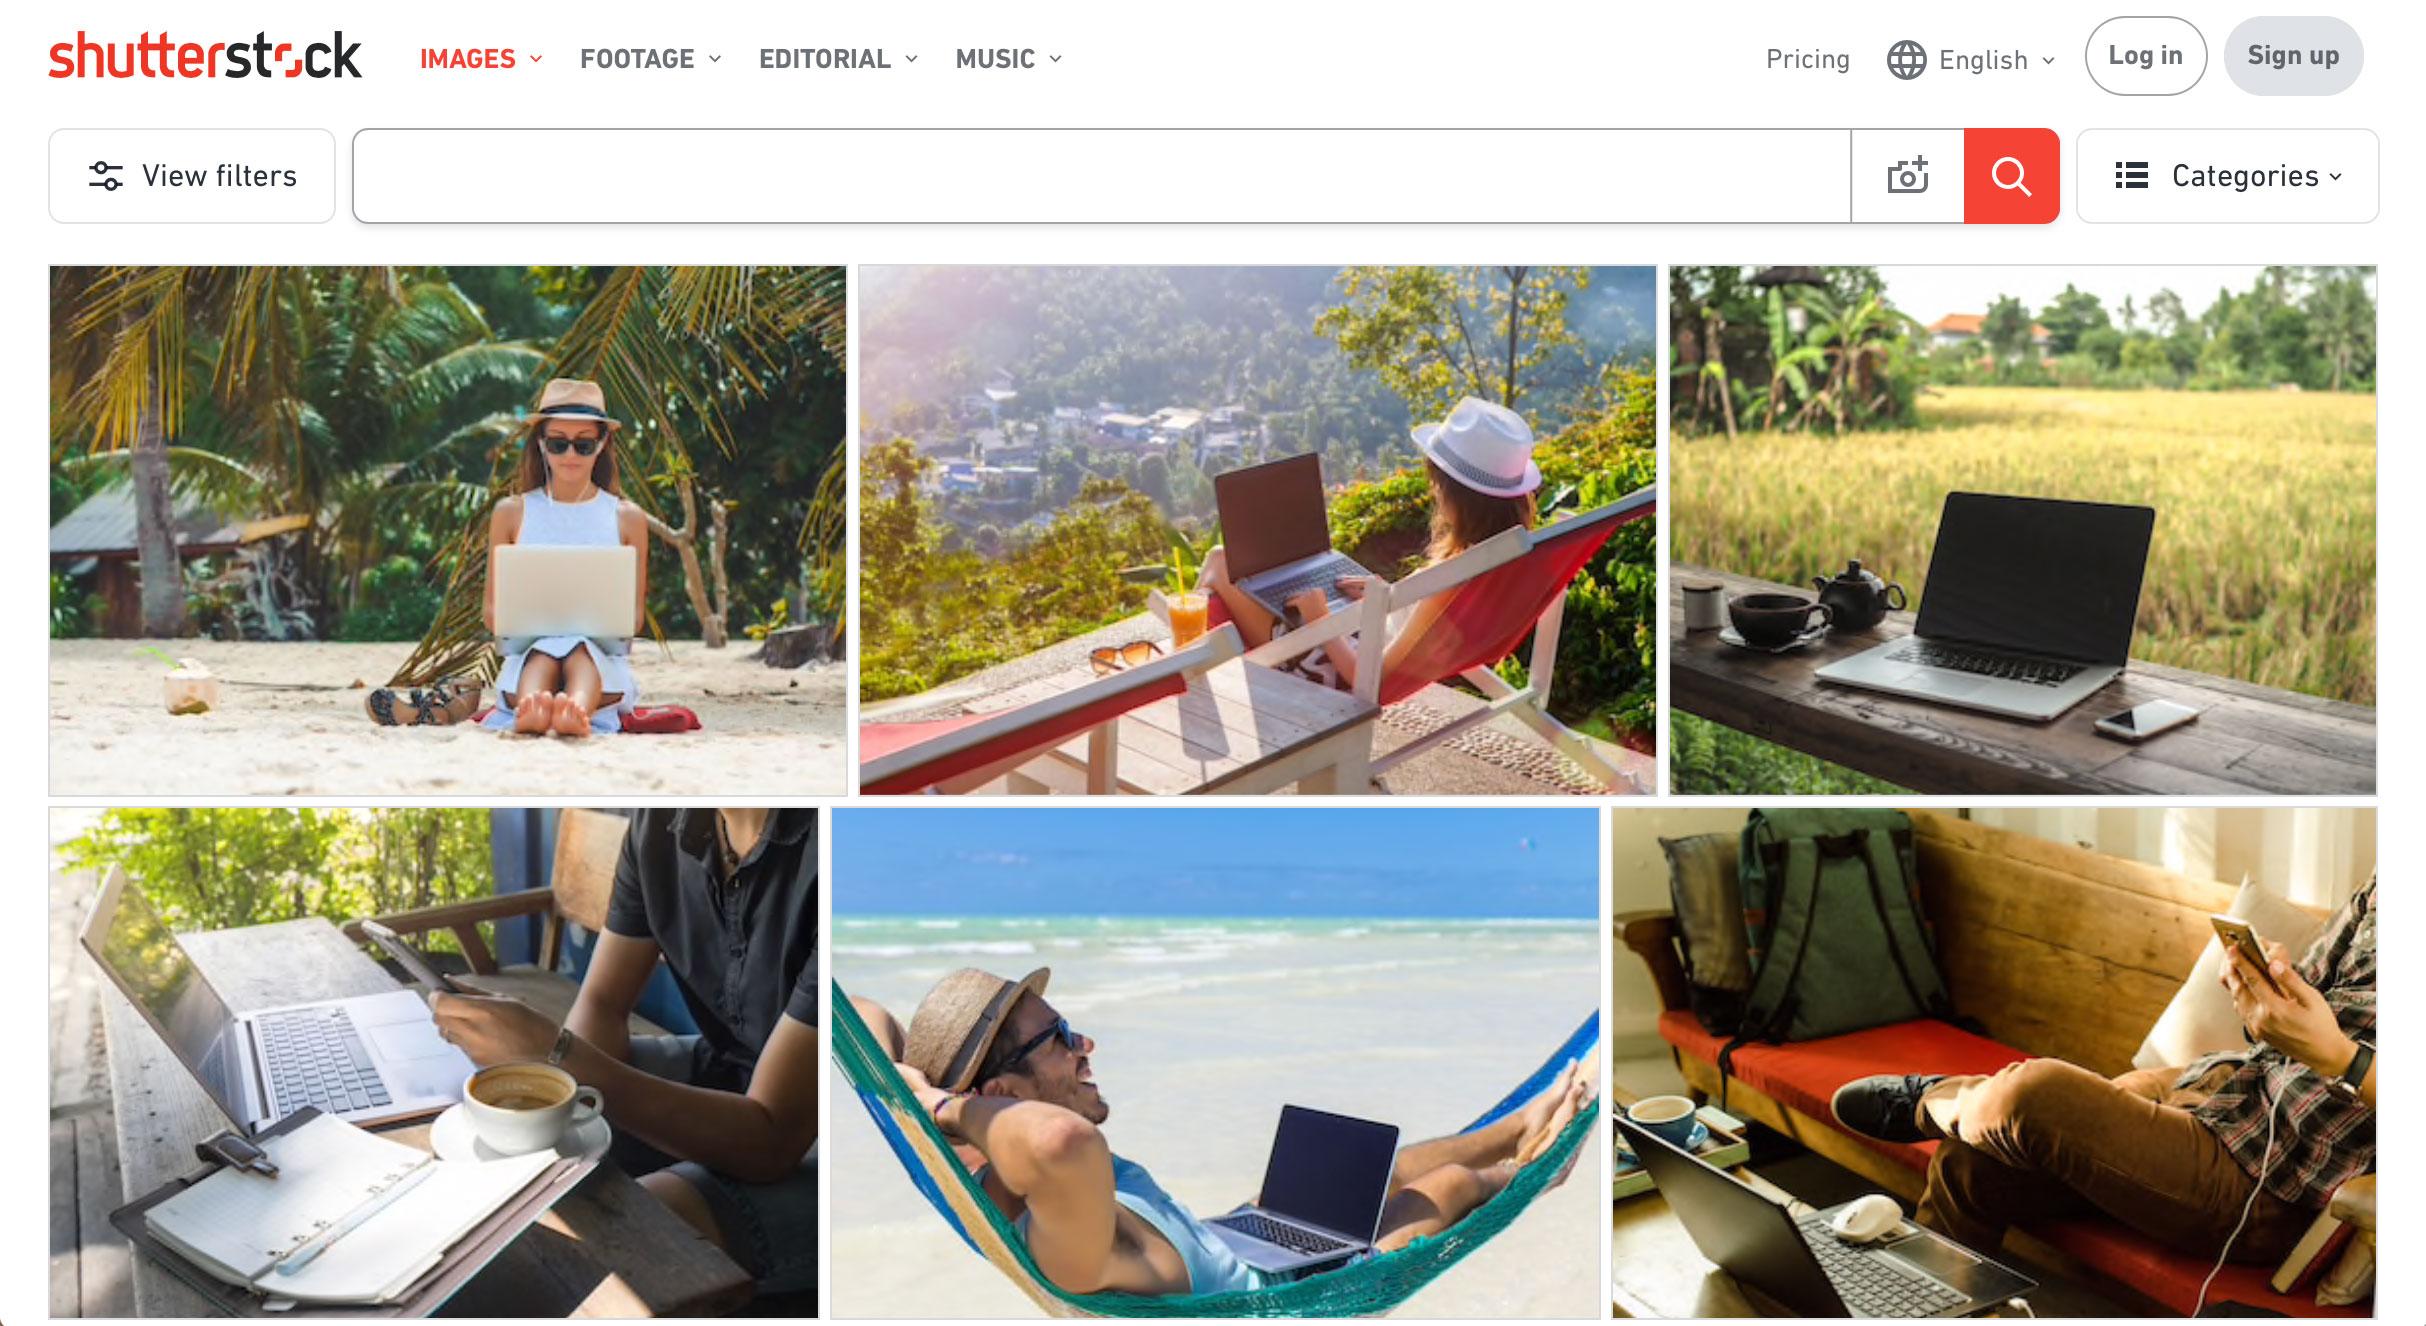 Shutterstock stock photo